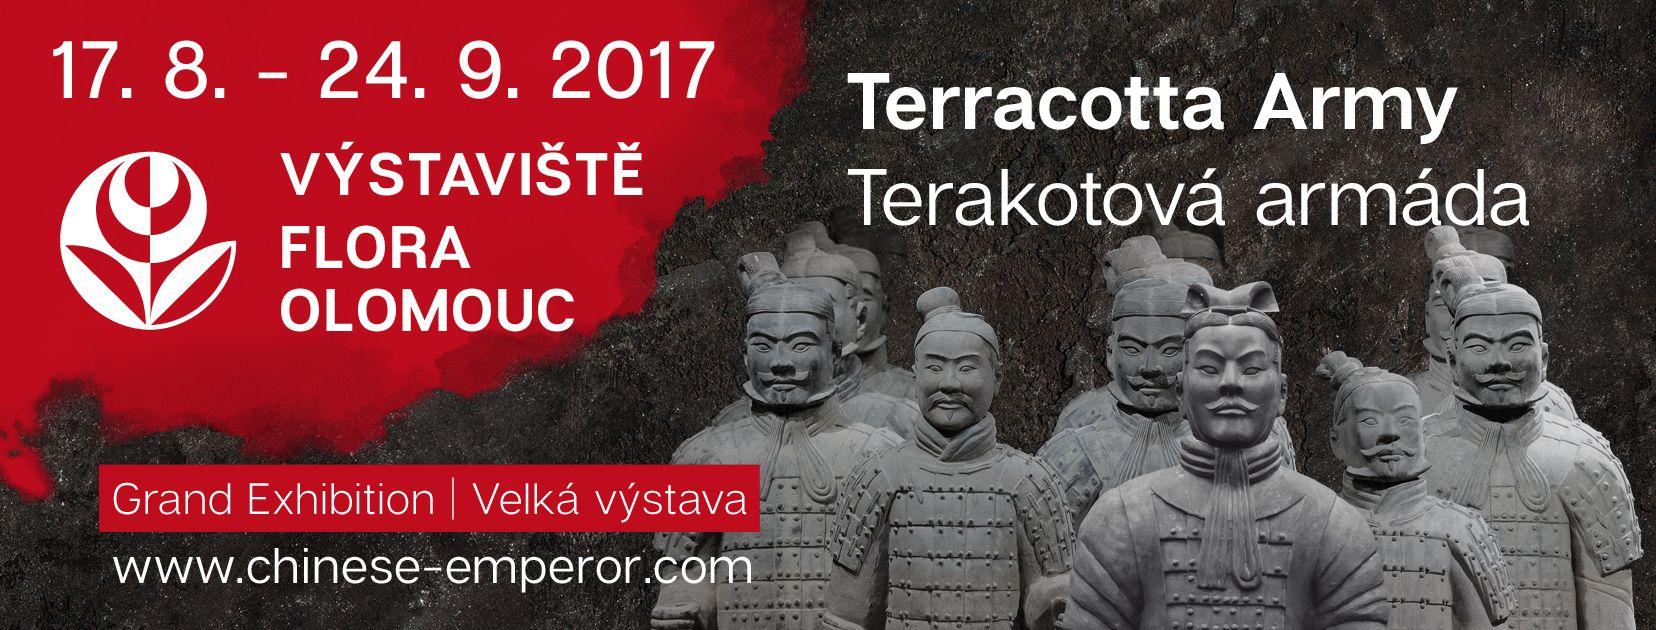 Terakotoví vojáci na Výstavišti FLORA Olomouc